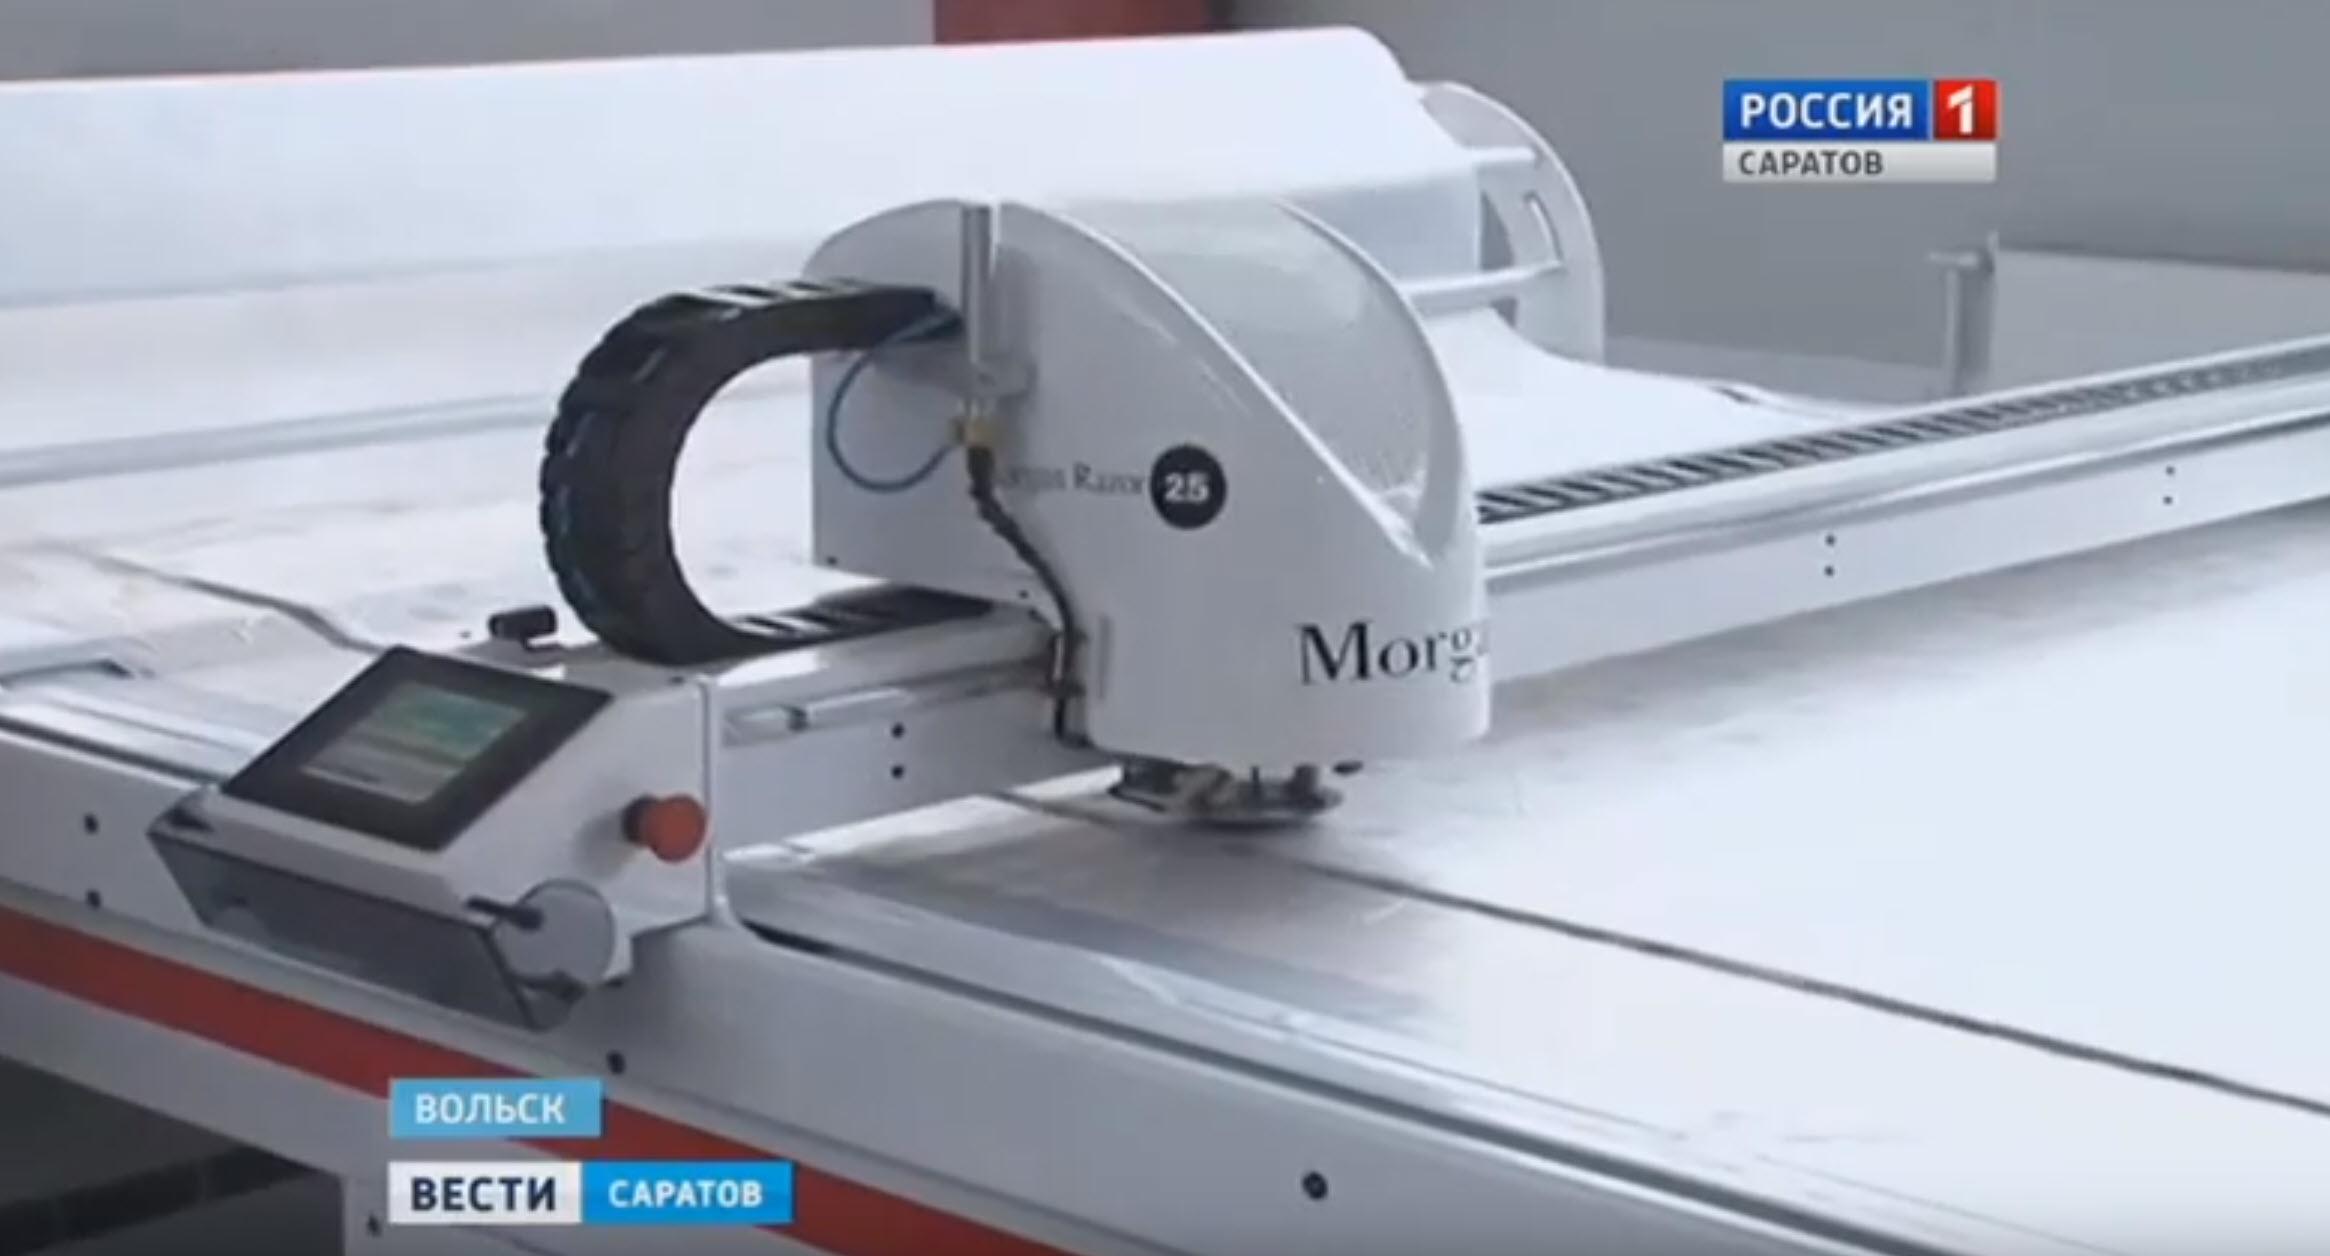 Россия 1. Новая швейная фабрика открылась в Вольске